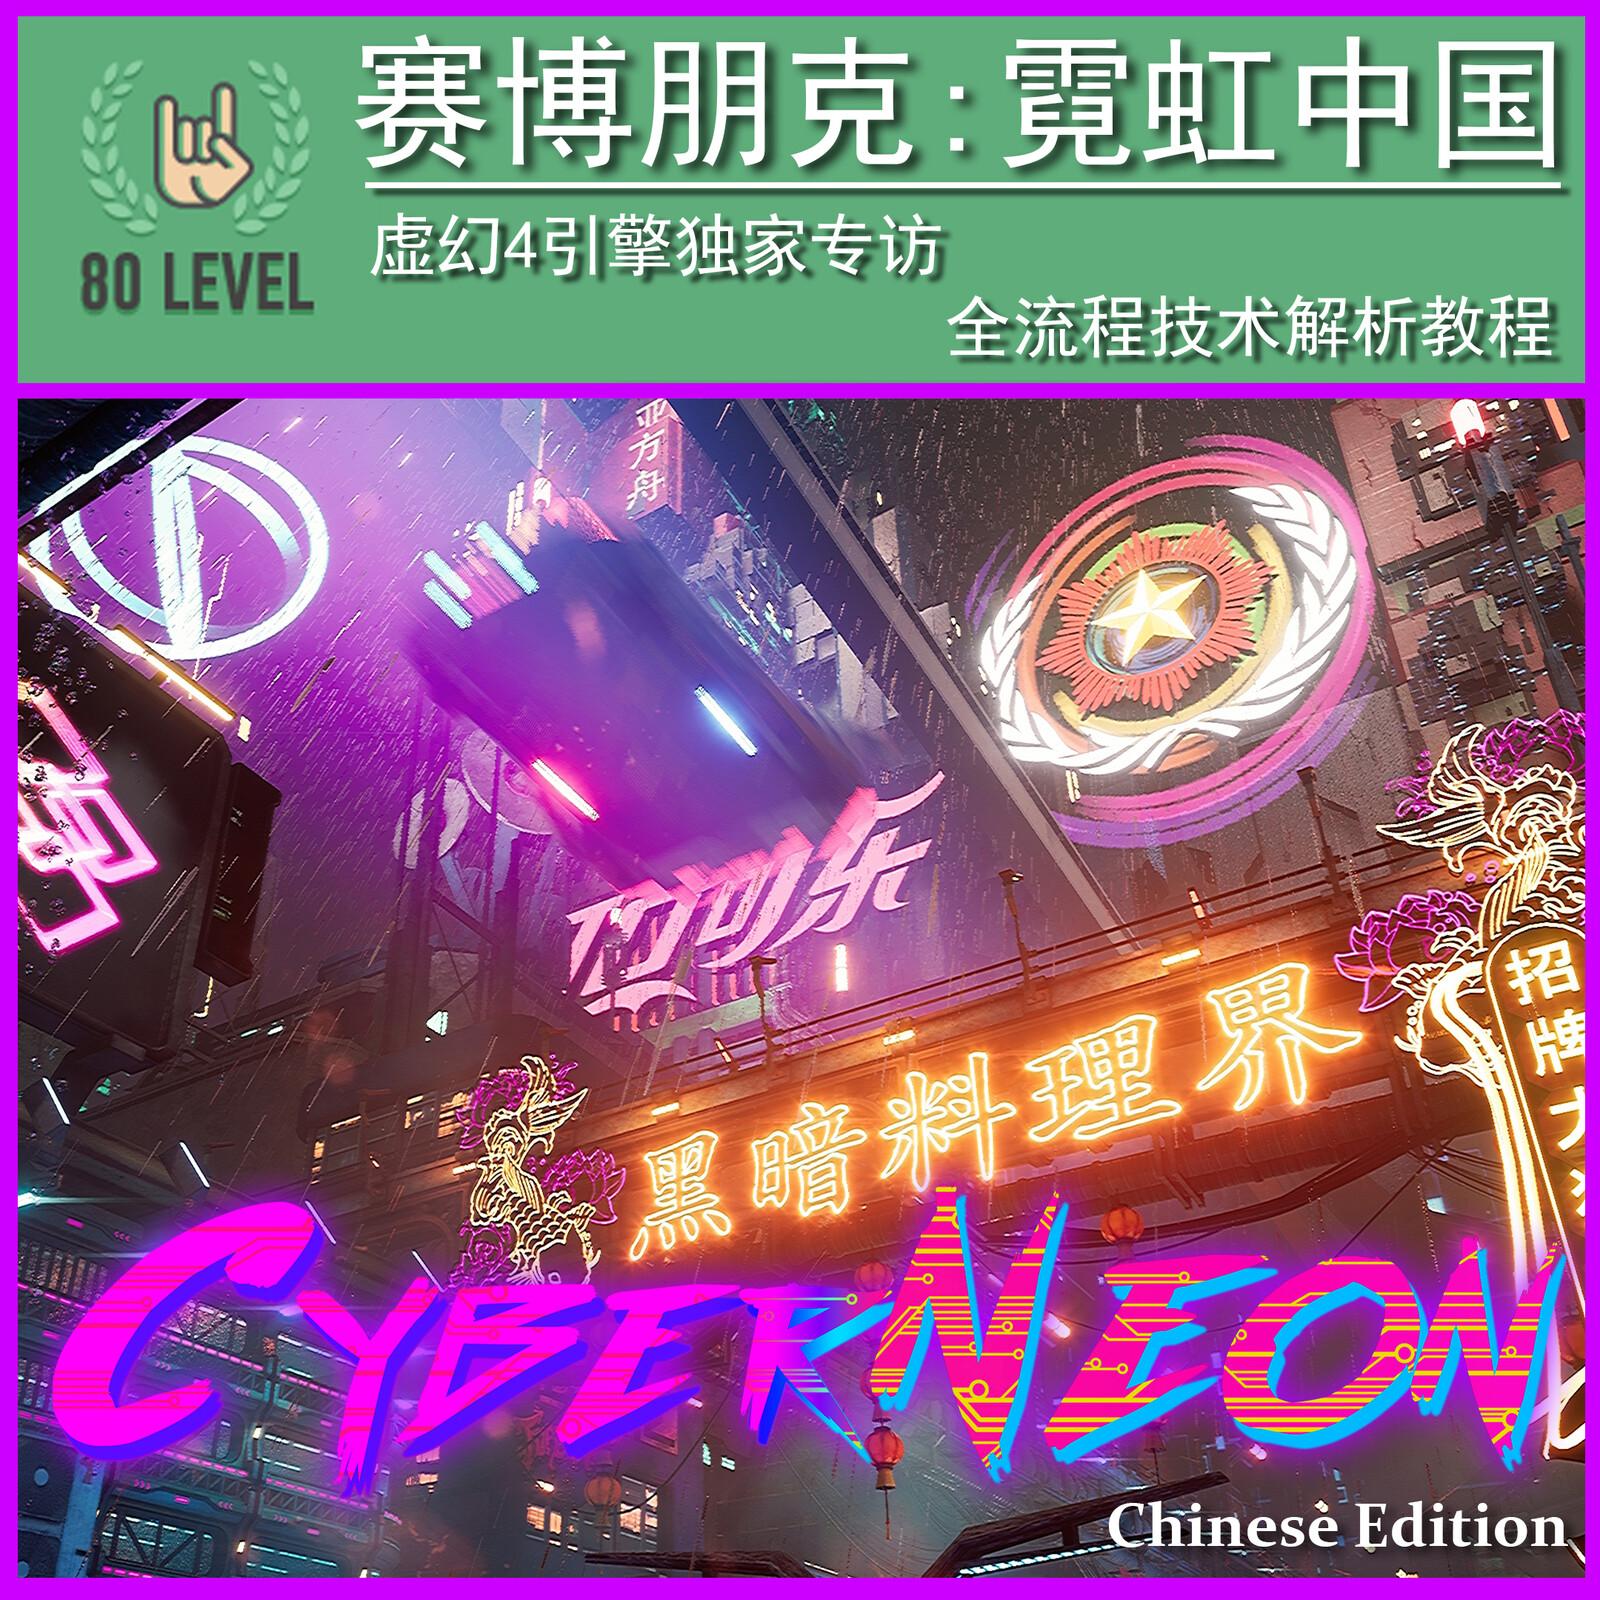 80.lv 虚幻4引擎个人独家专访赛博朋克: 霓虹中国(CyberNeon)全流程技术解析教程